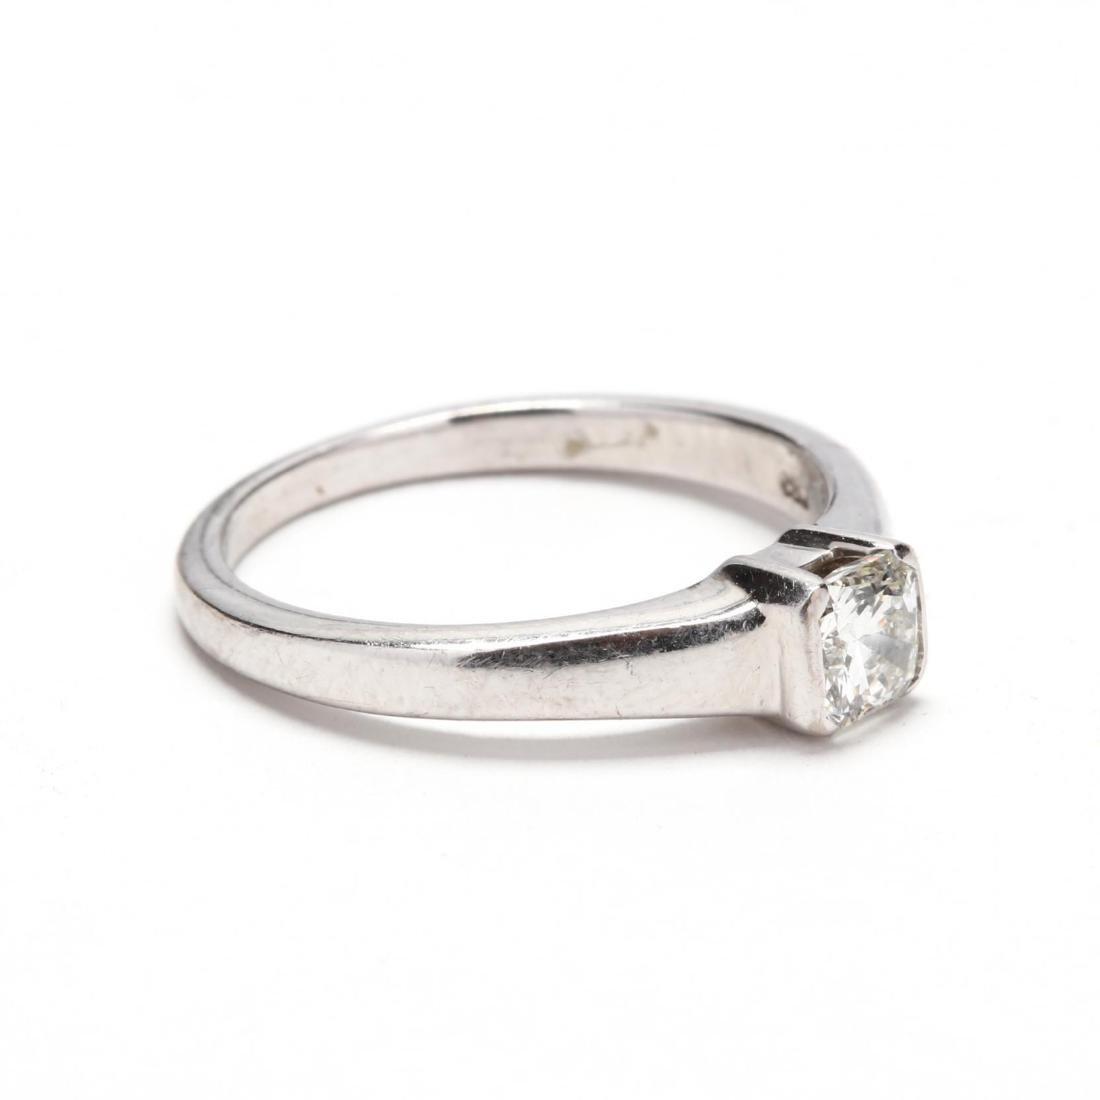 18KT White Gold Diamond Ring - 2